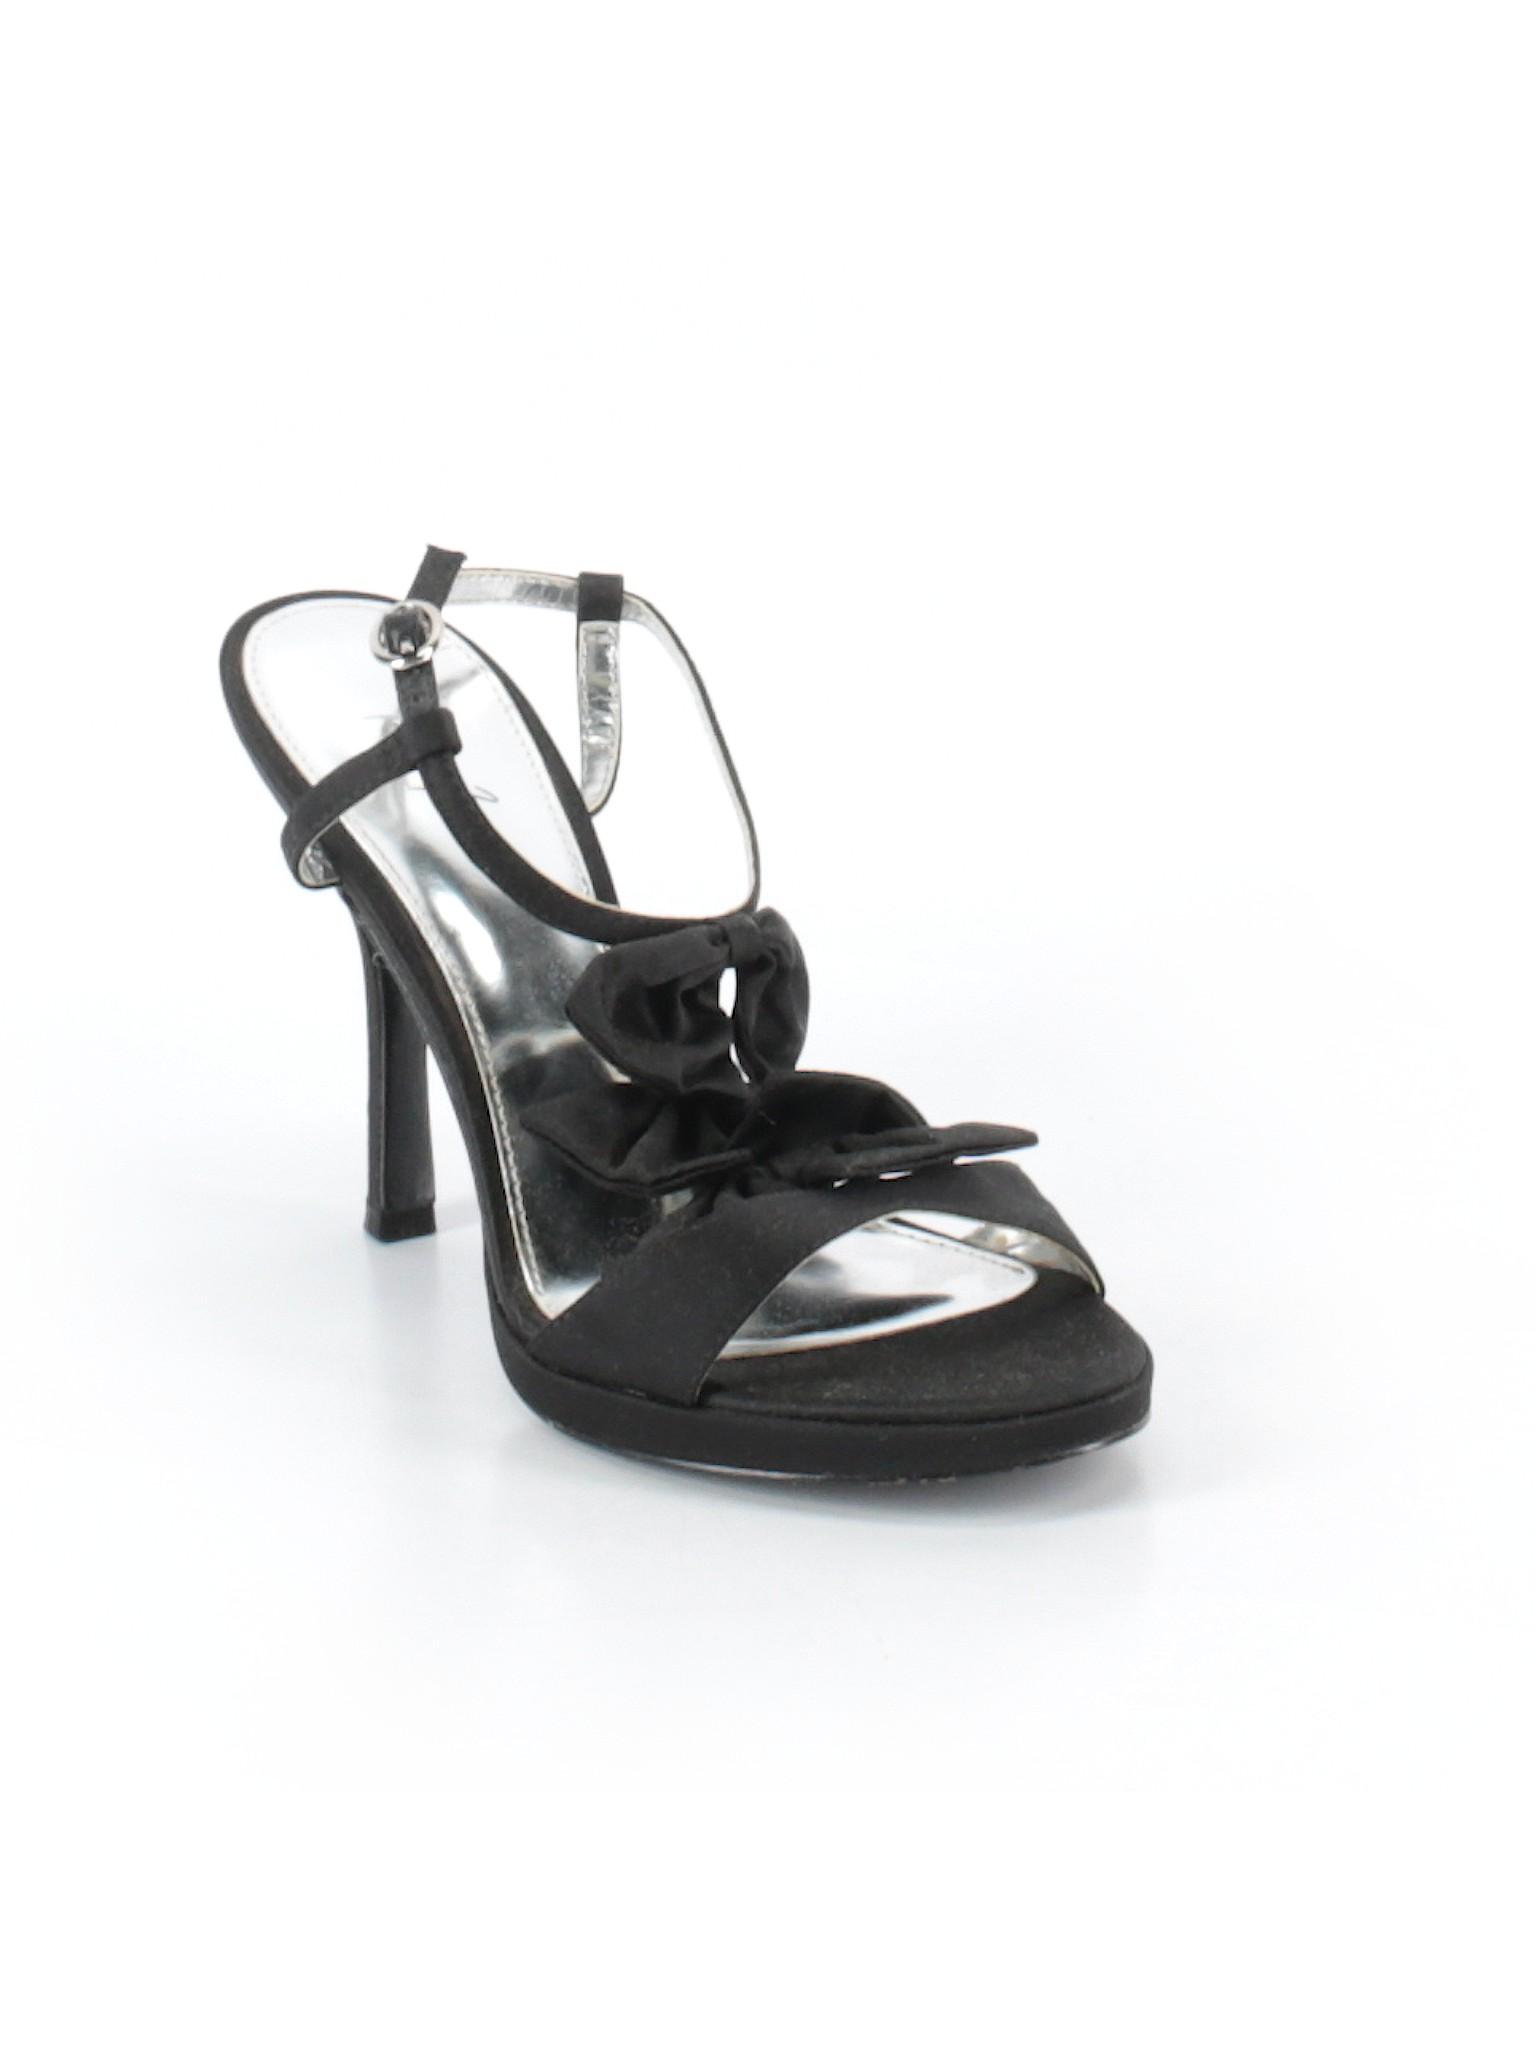 promotion Boutique Ferrar promotion Heels Boutique Ferrar Jacqueline Jacqueline gwqx8tH